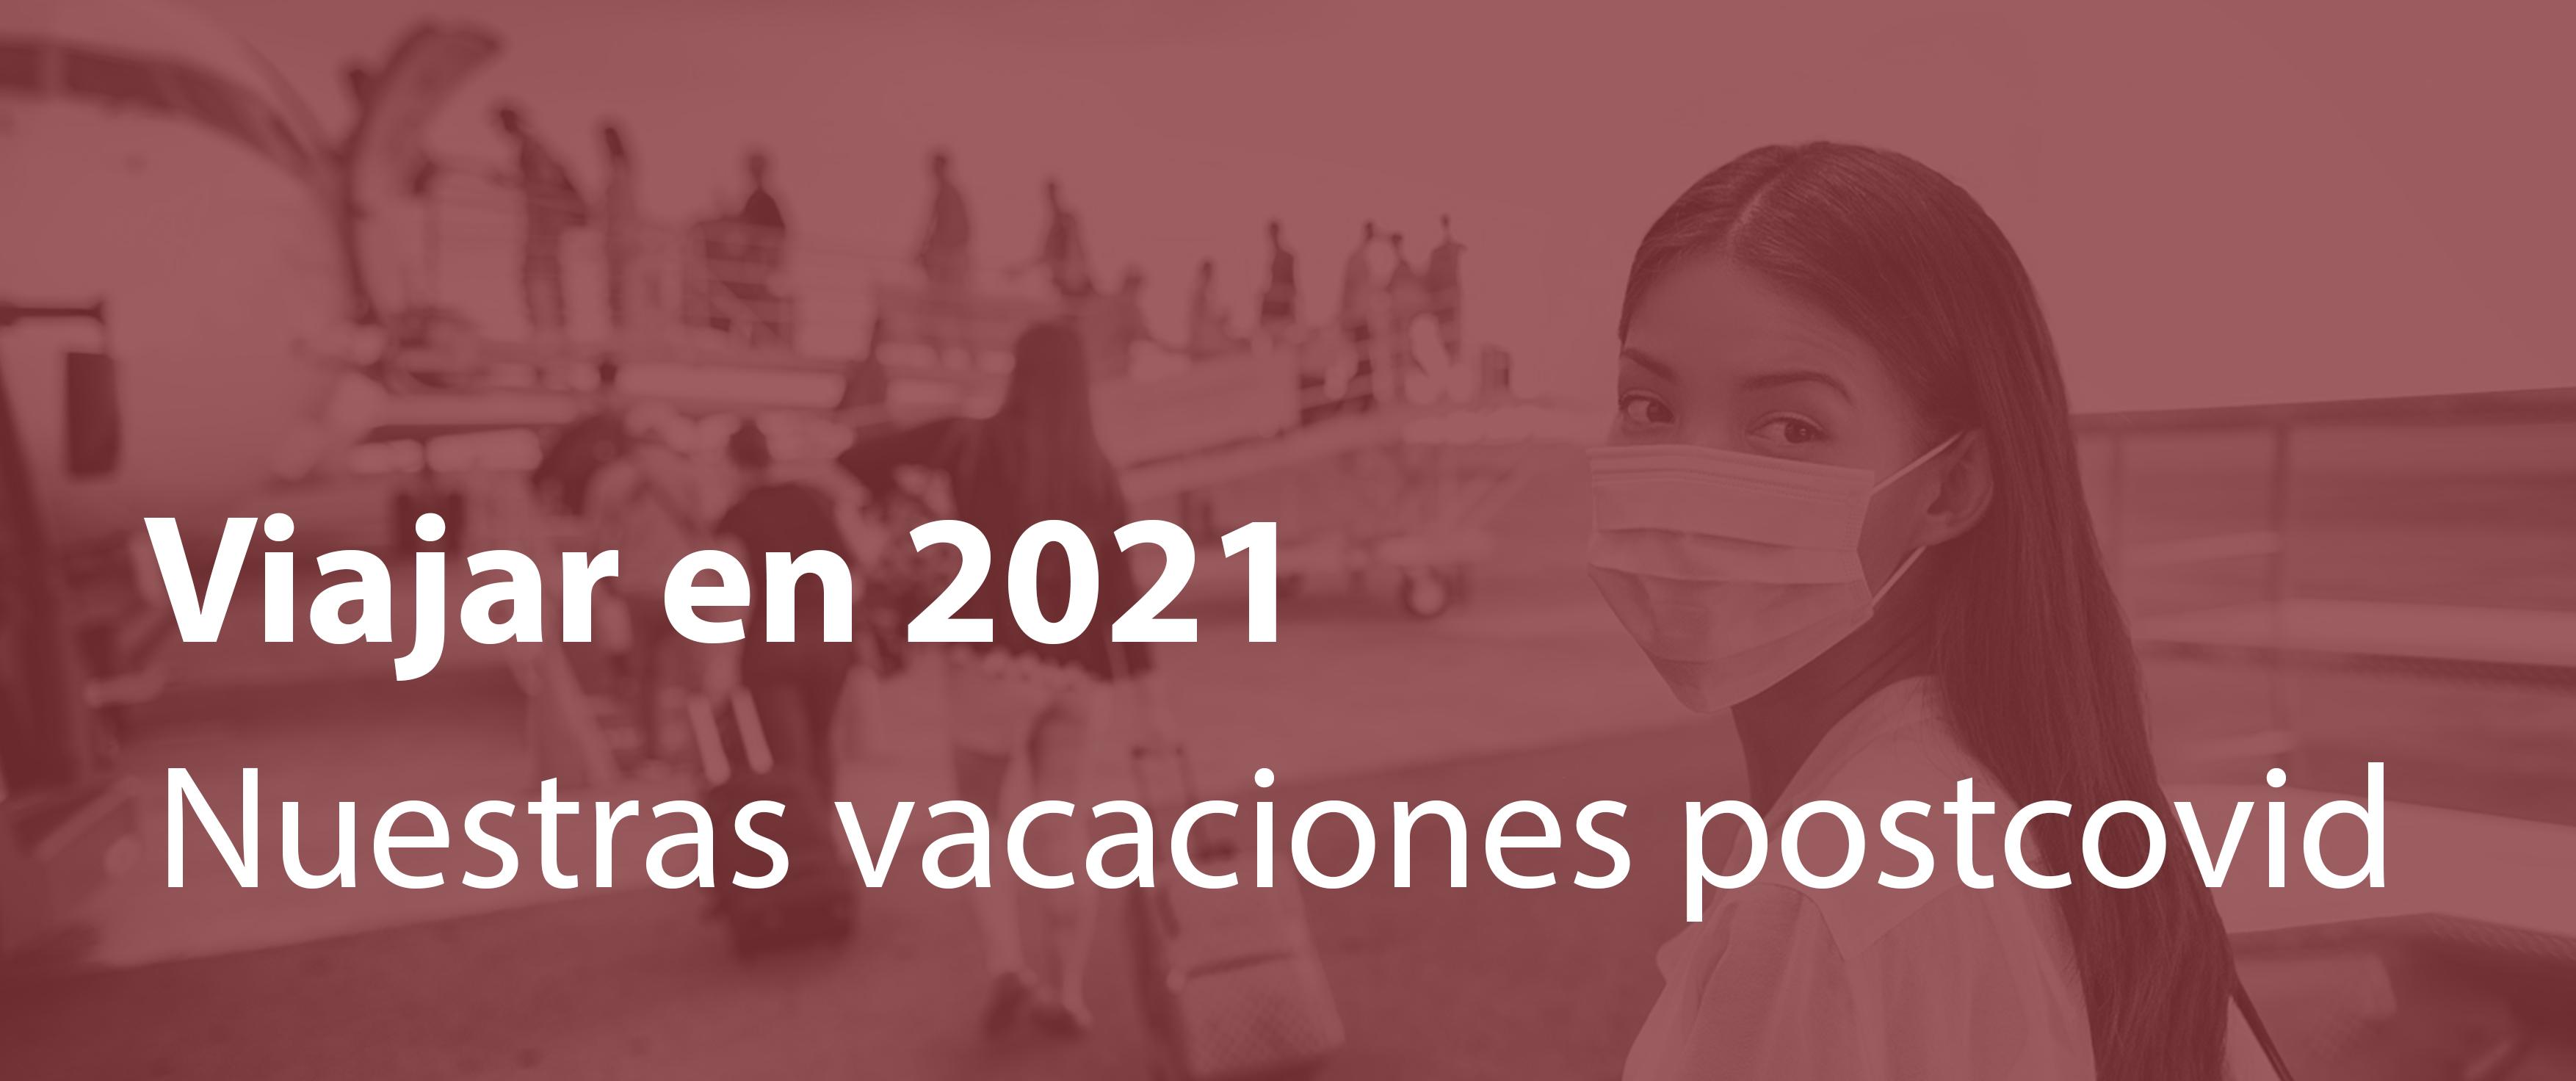 Viajar en 2021: así serán nuestras vacaciones postcovid